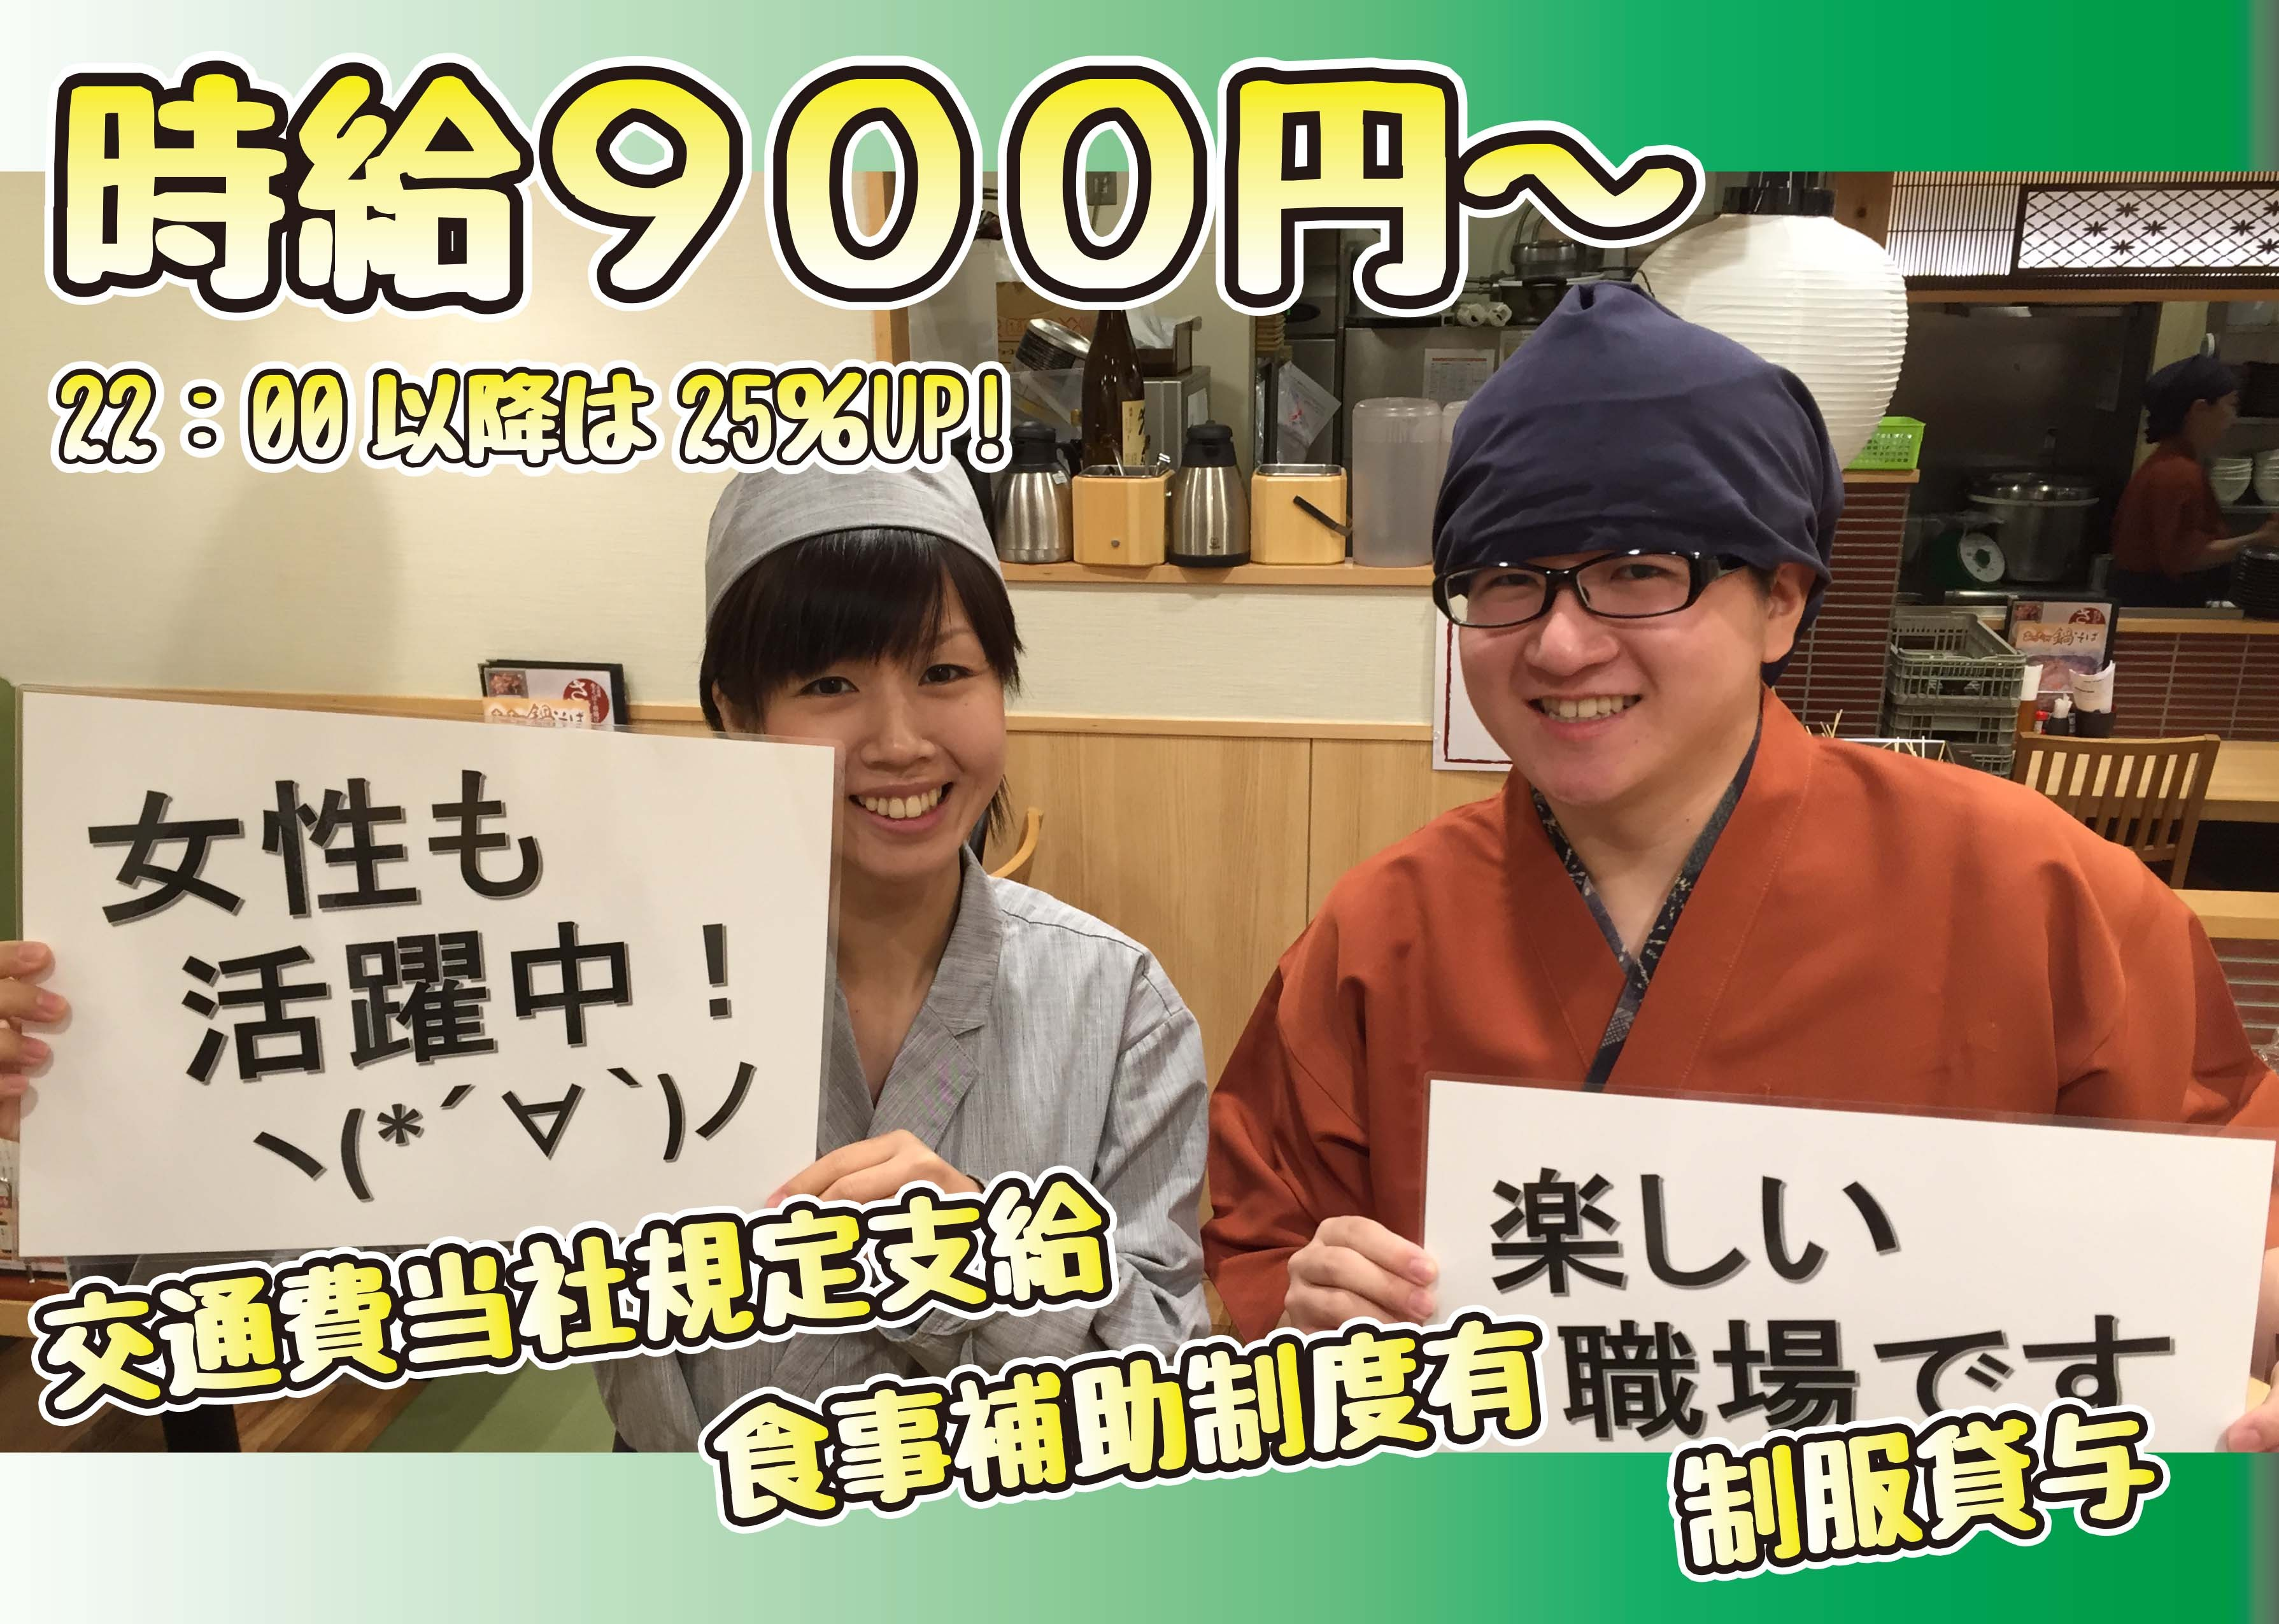 さいさき屋 博多駅前店 のアルバイト情報